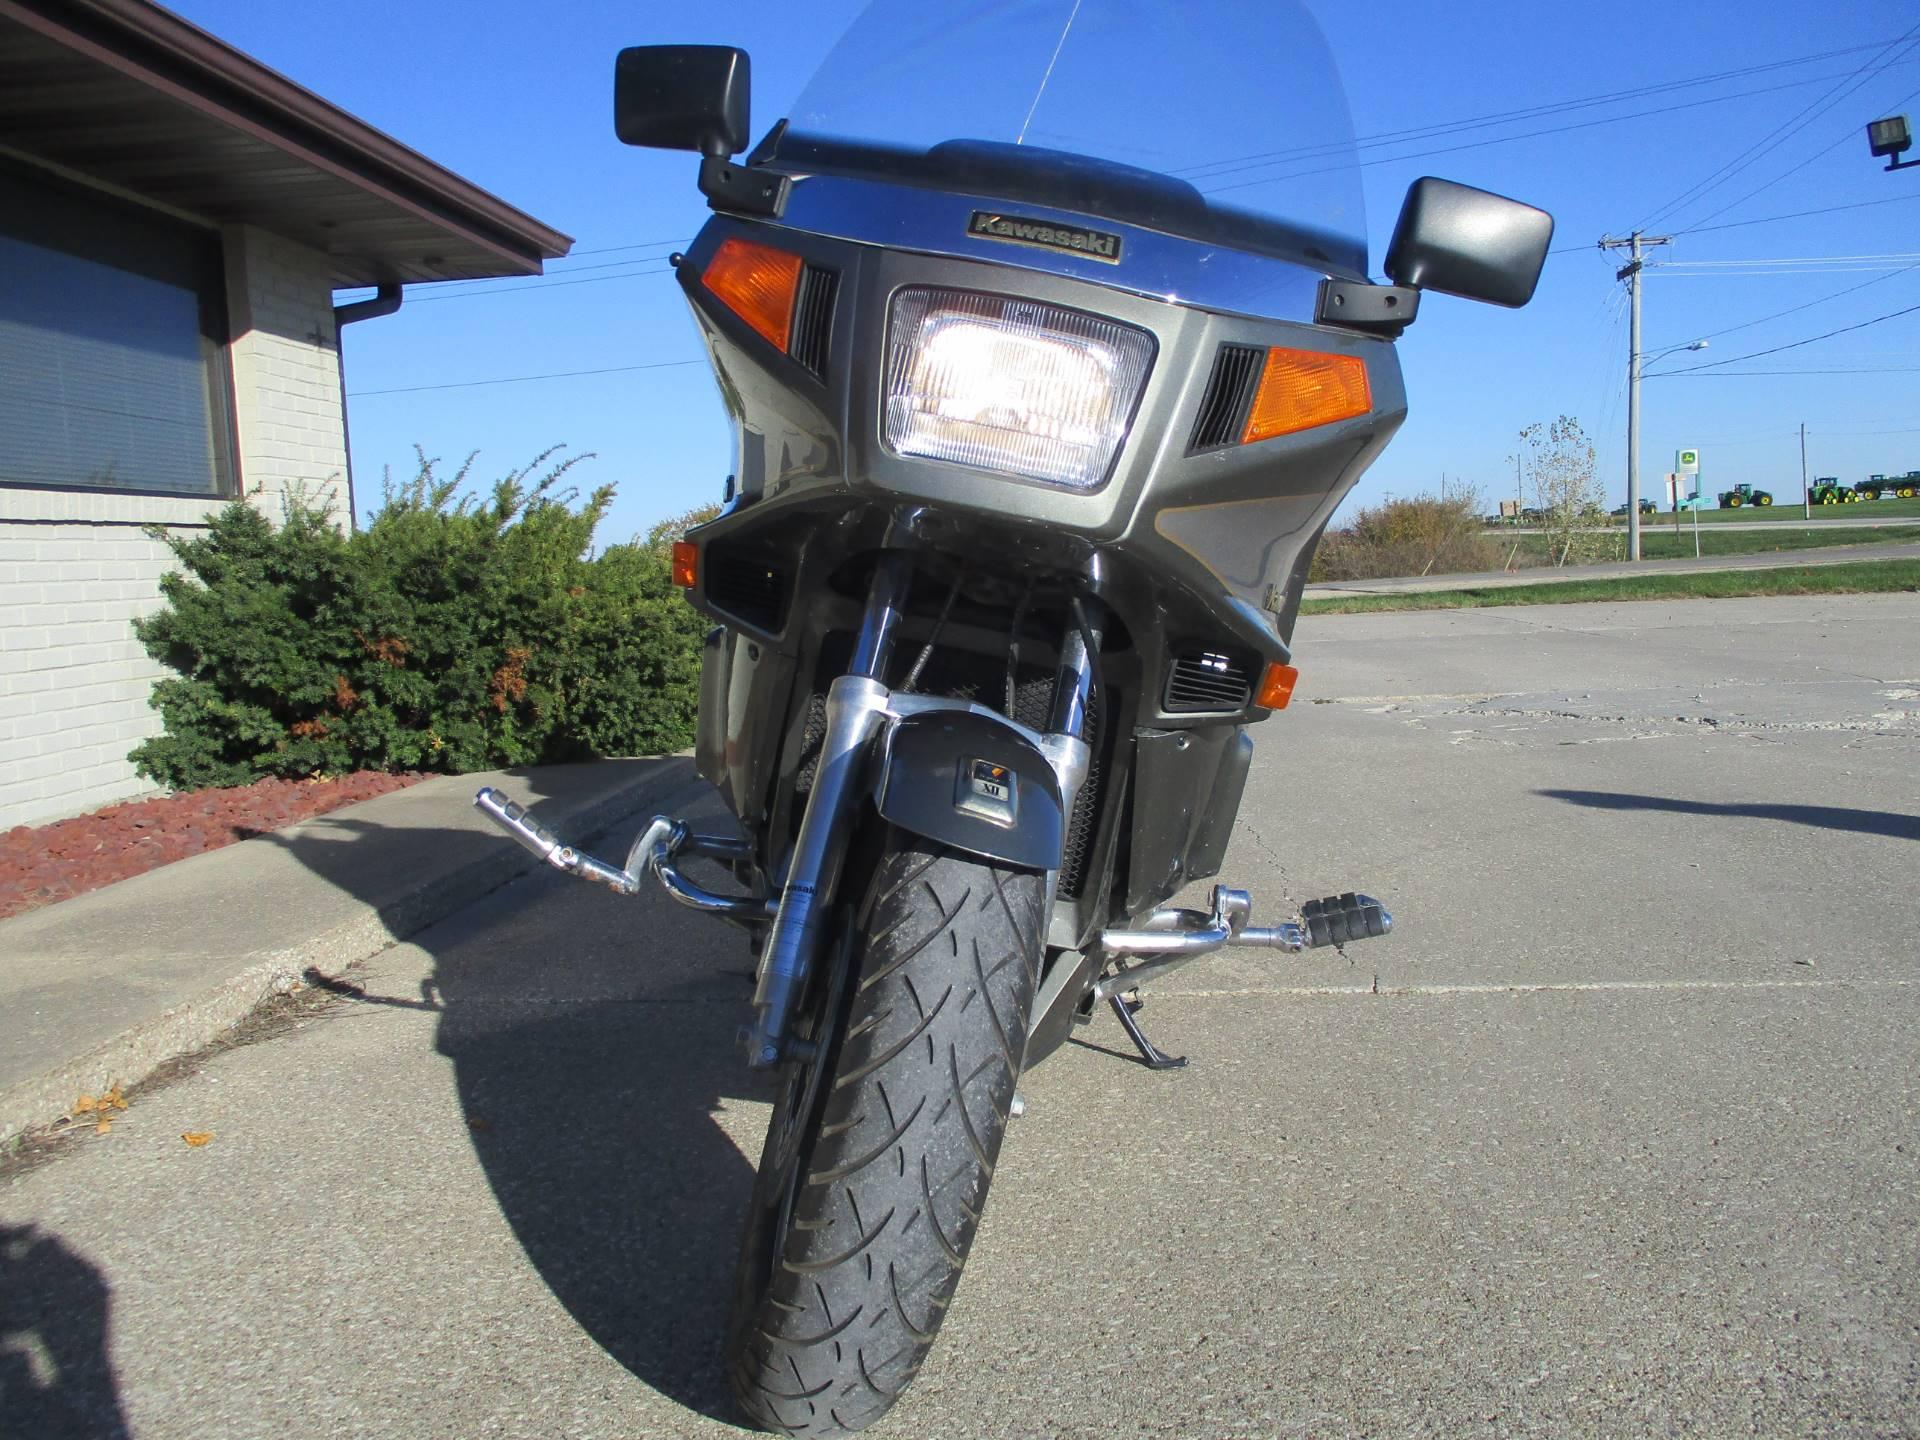 2003 Kawasaki Voyager XII 7